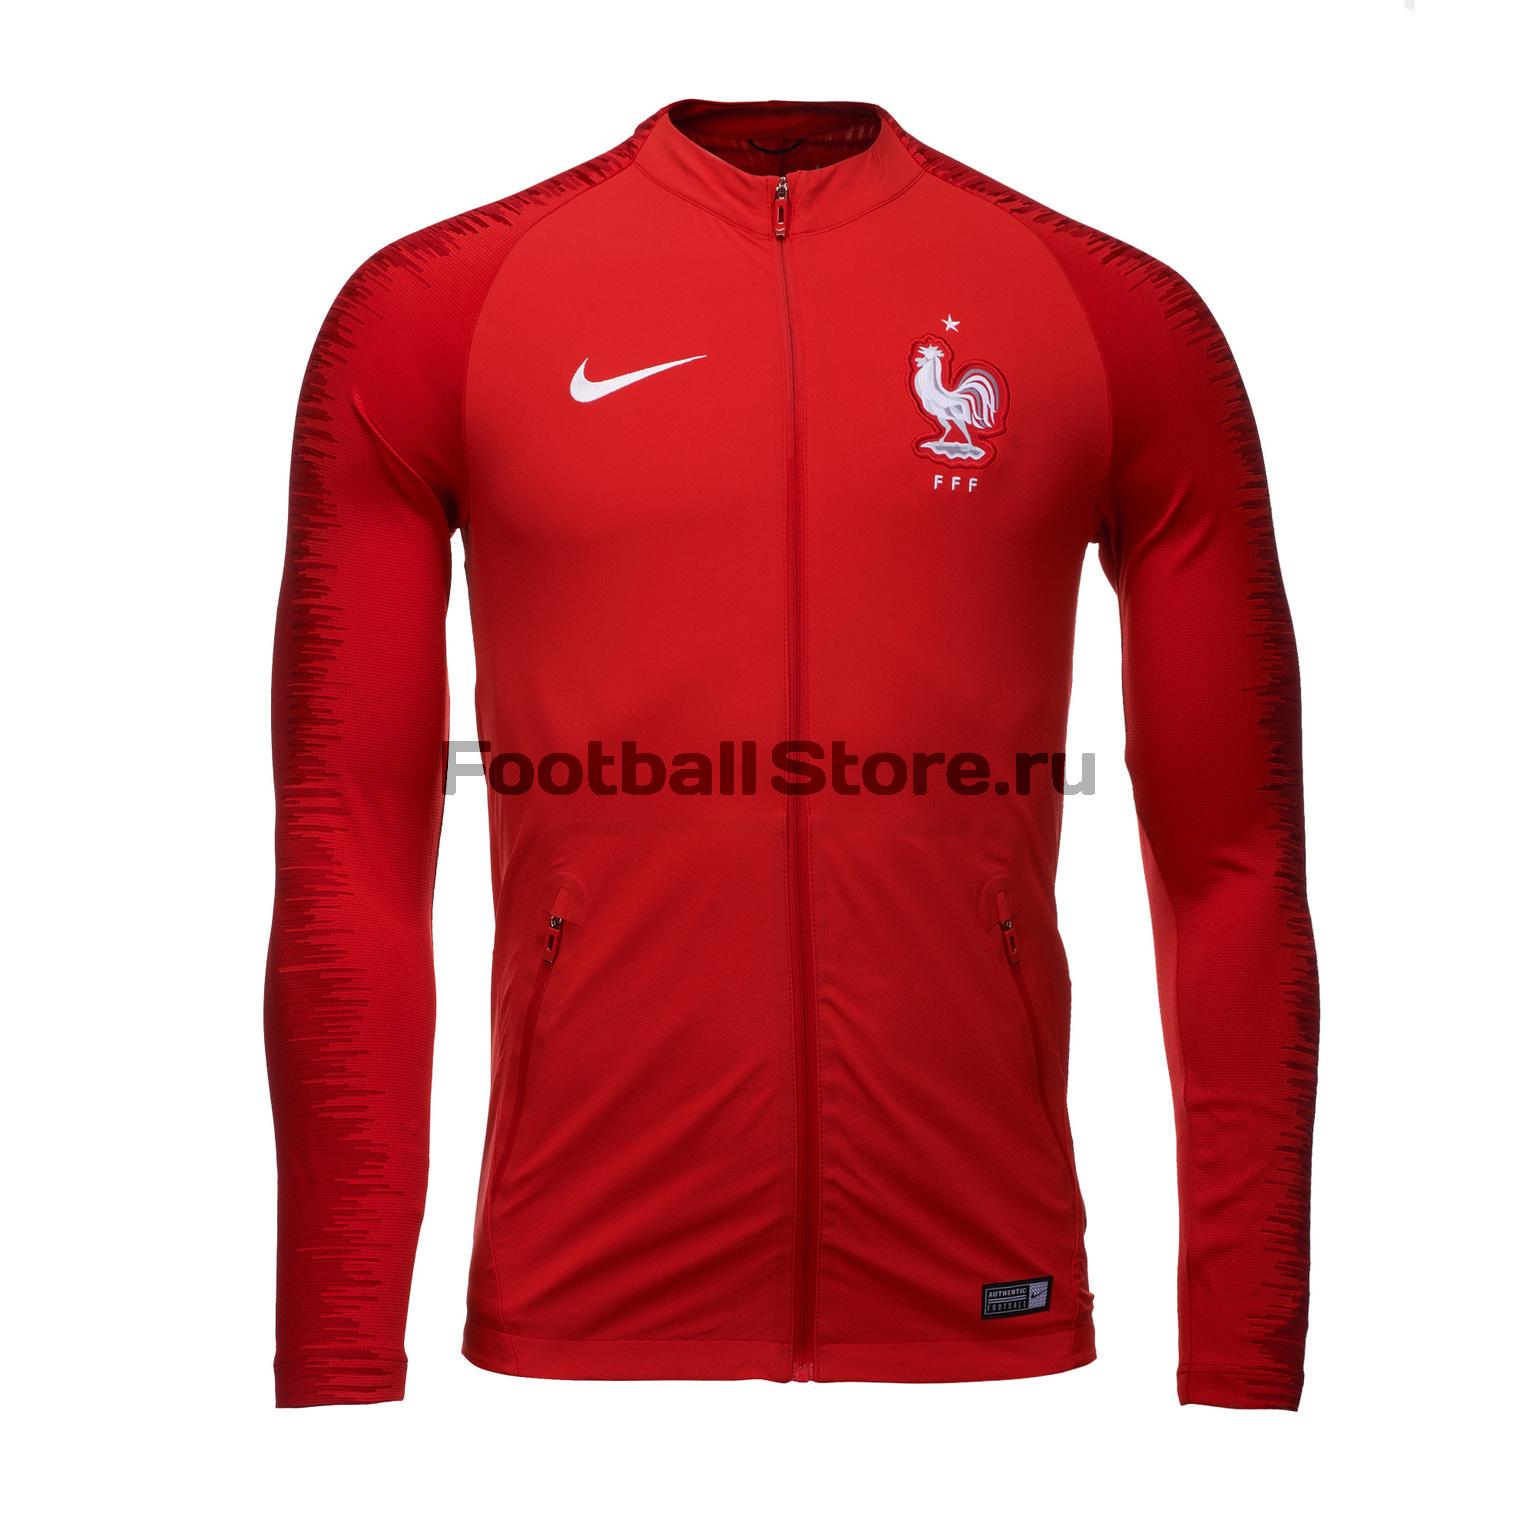 цена Олимпийка Nike сборной Франции AJ4117-661